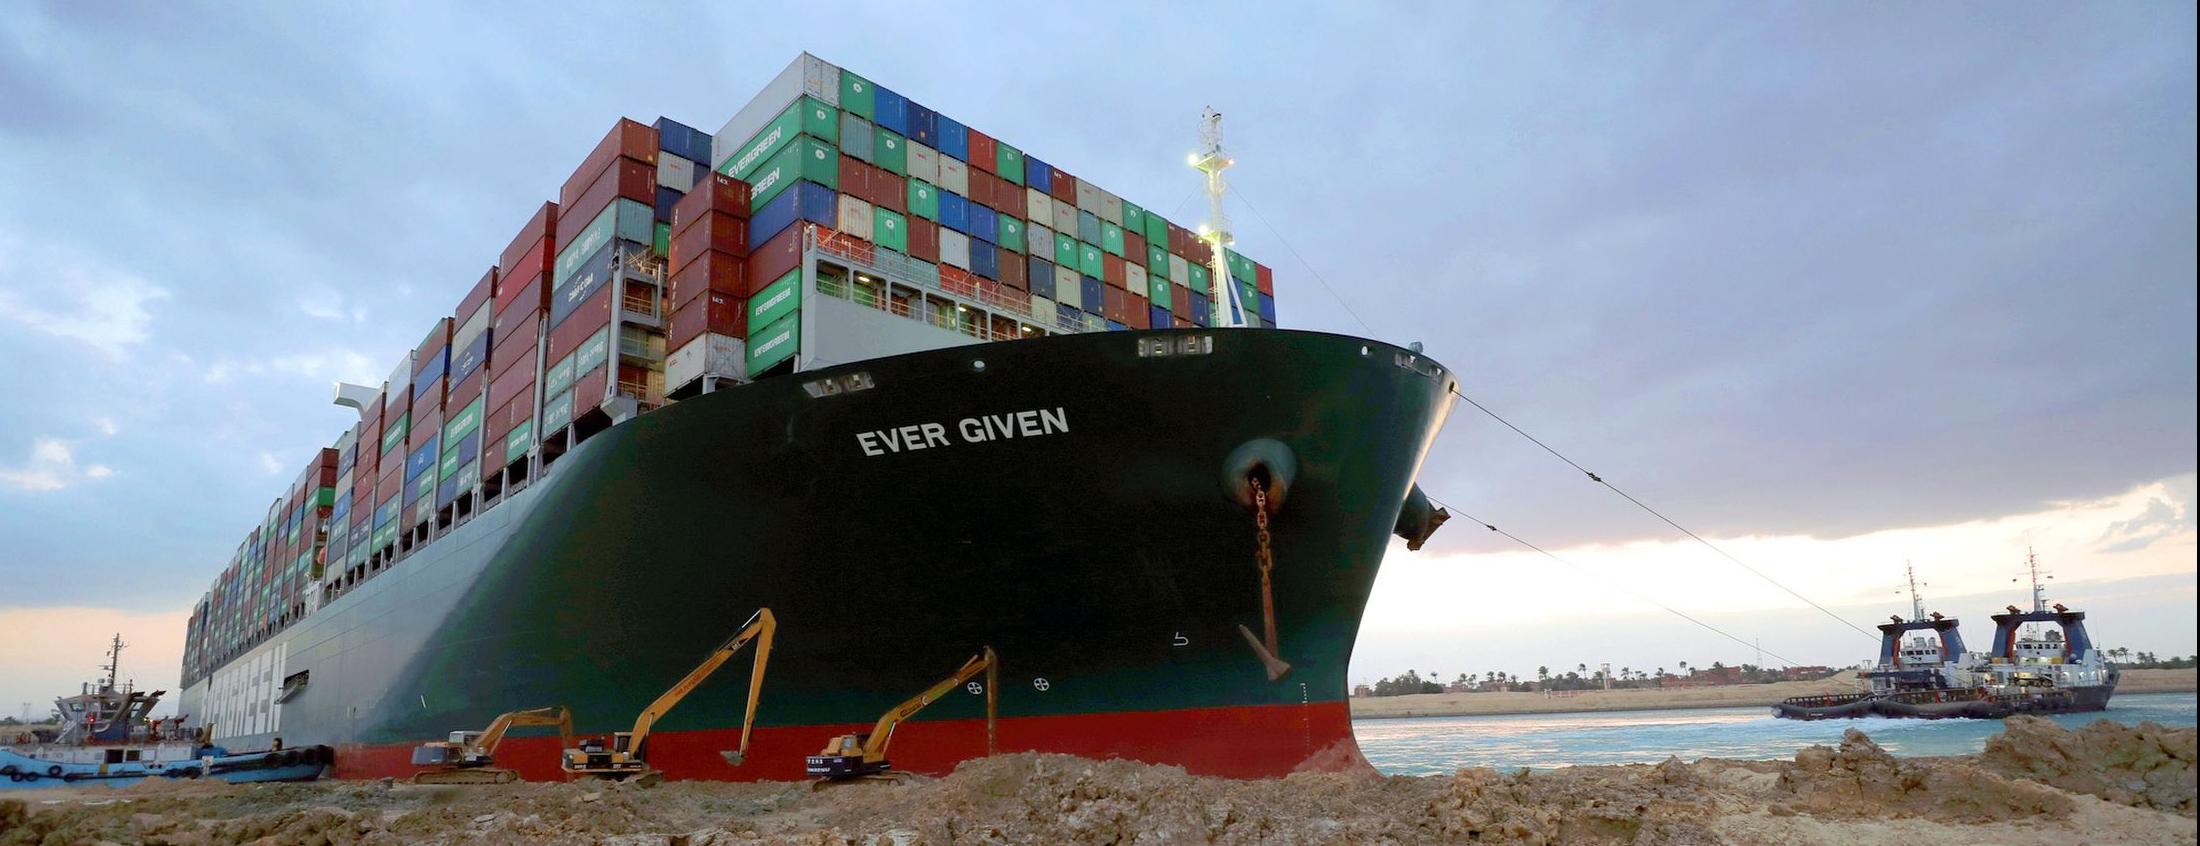 Общая авария на судне EVER GIVEN - рекомендации ТТ Клуба экспедиторам и грузовладельцам